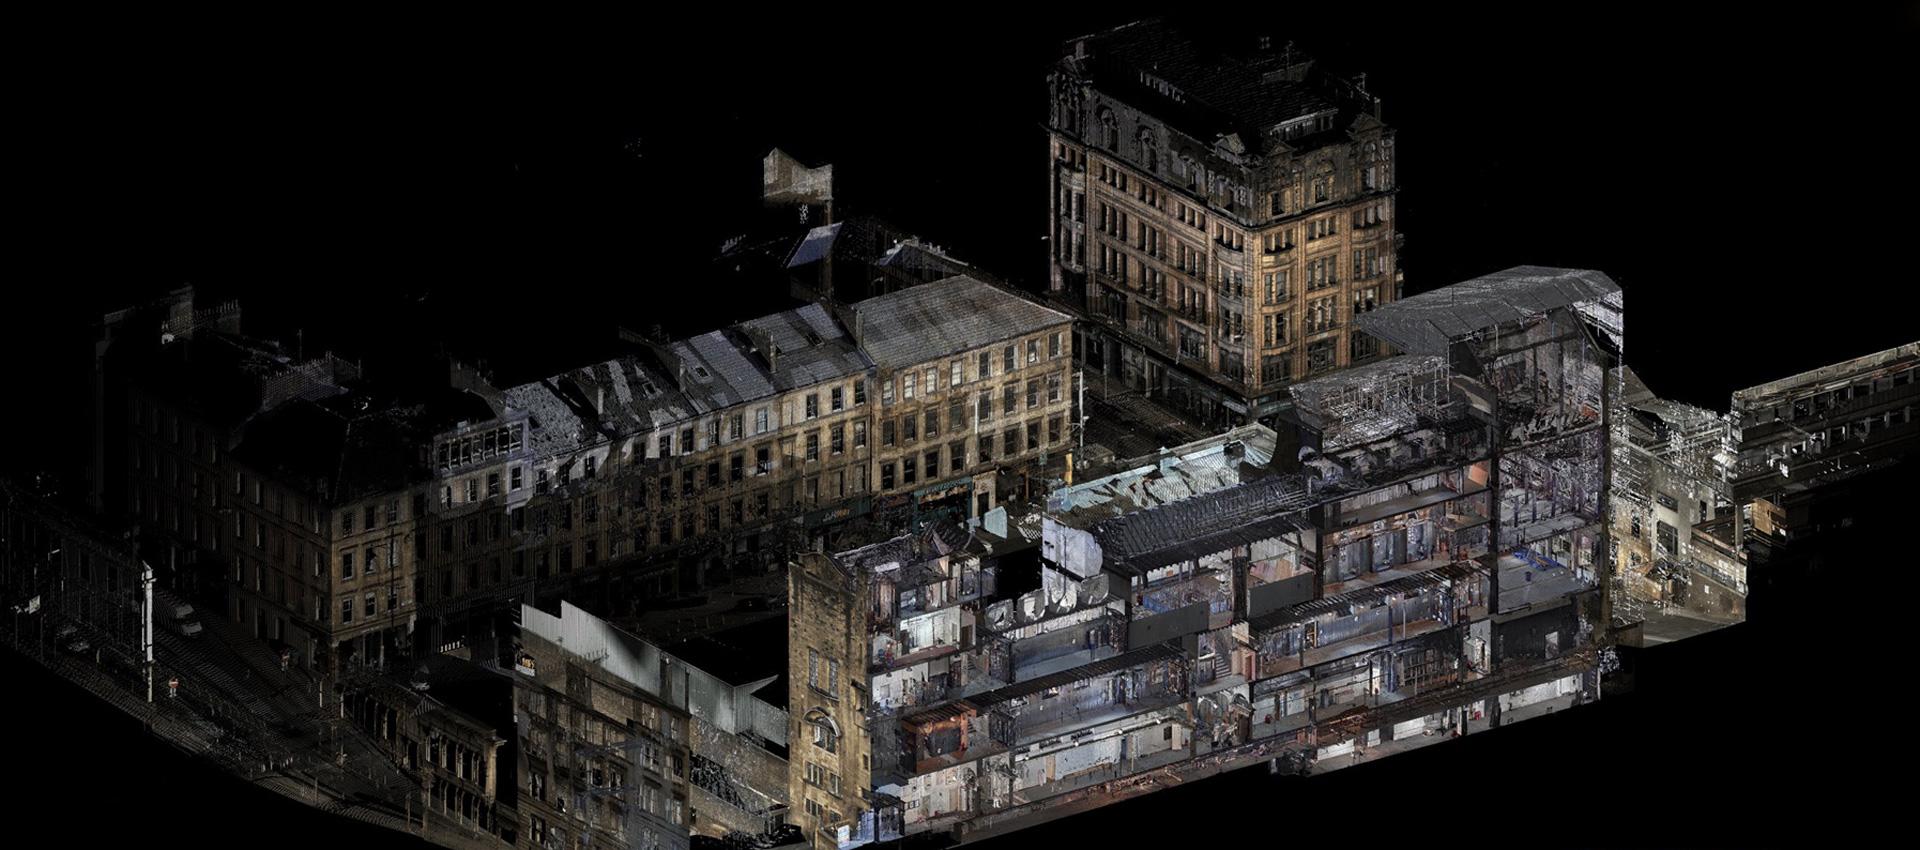 Edificio Mackintosh. Visualización 3d hacia el sur desde la calle Renfrew hacia la calle Sauchiehall. Cortesía de The Digital Design Studio at The Glasgow School of Art